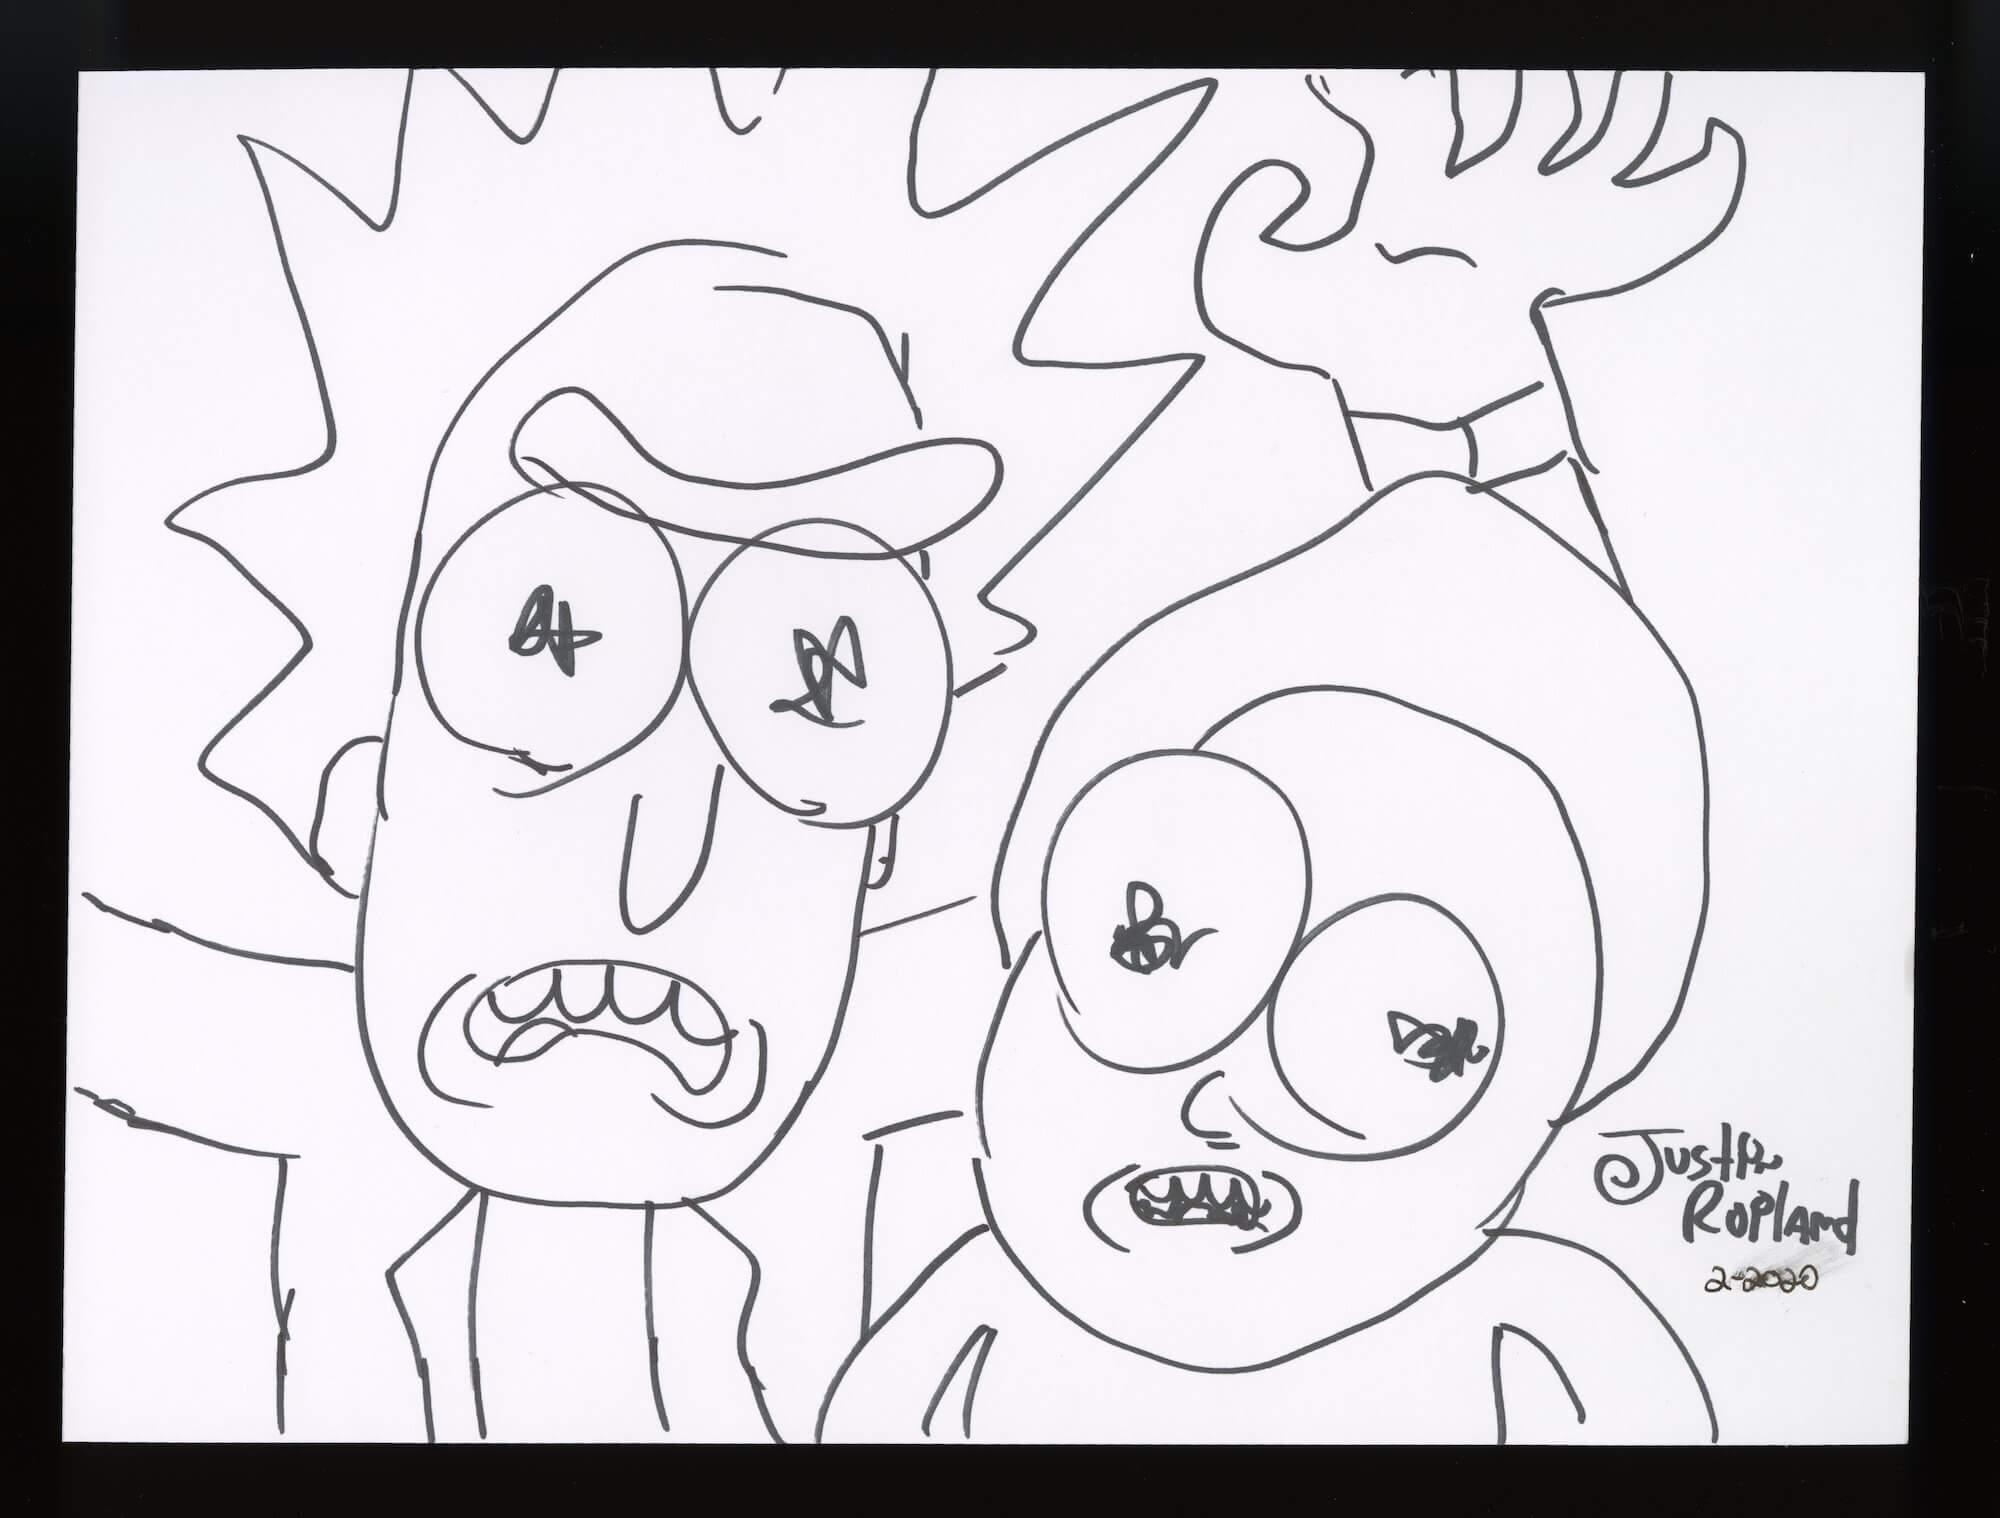 Рик и Морти рисунок